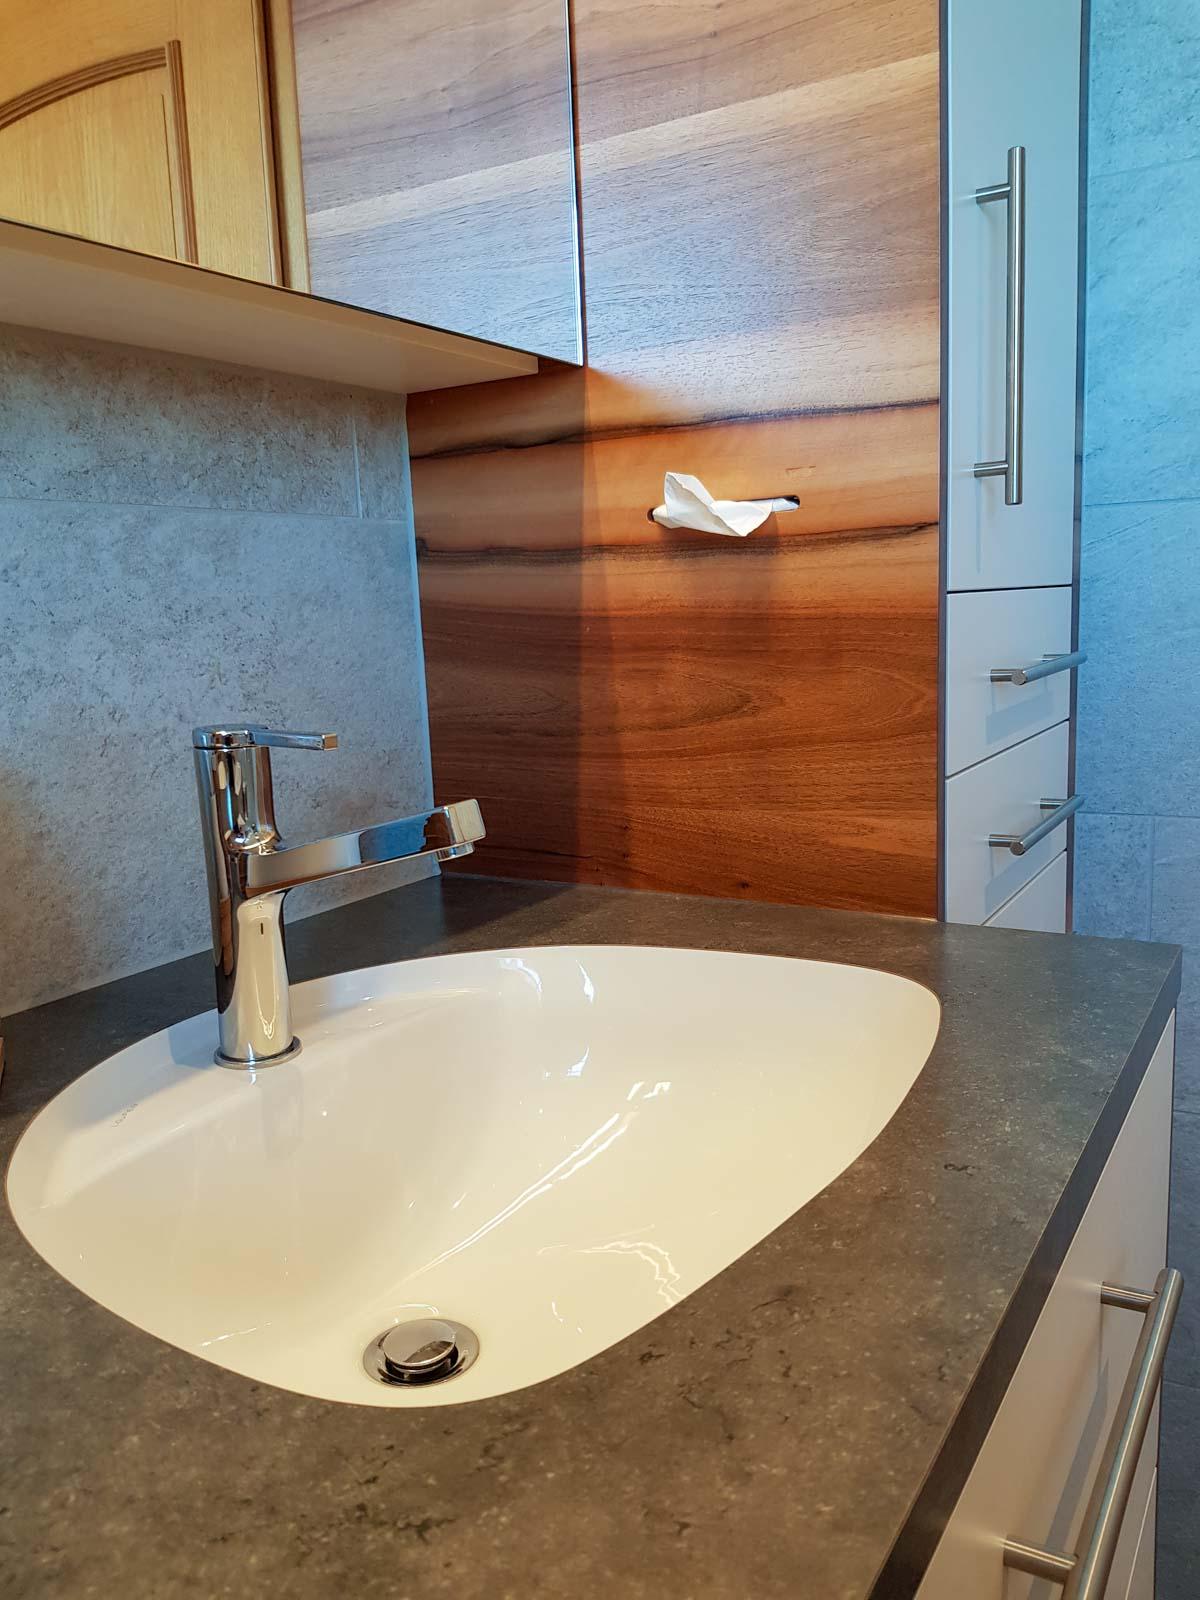 Wooddesign_Badmöbel_ Badumbau_Nussbaum furniert_weisse Fronten_Kunstharzabdeckung_Waschbecken eingelassen-Duschtrennwand-LED-Beleuchtung (7)